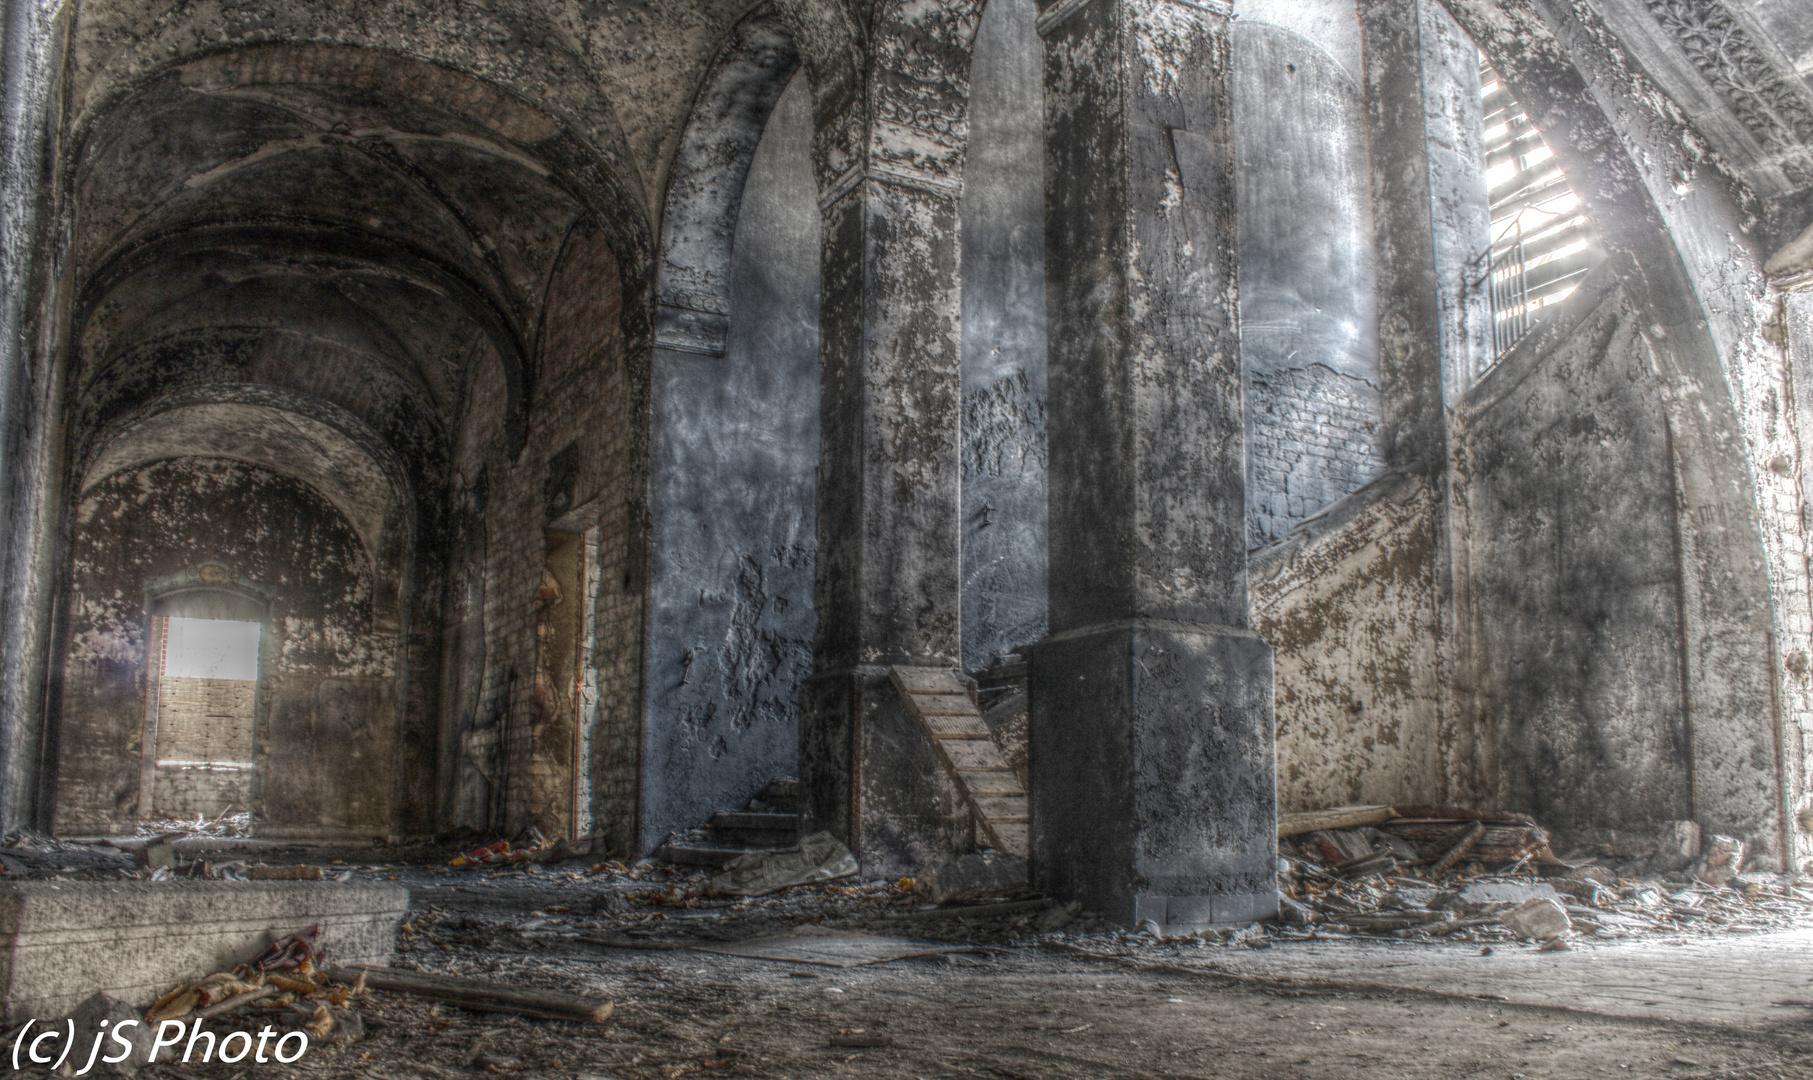 Klinik in Brandenburg,...vergessene Orte